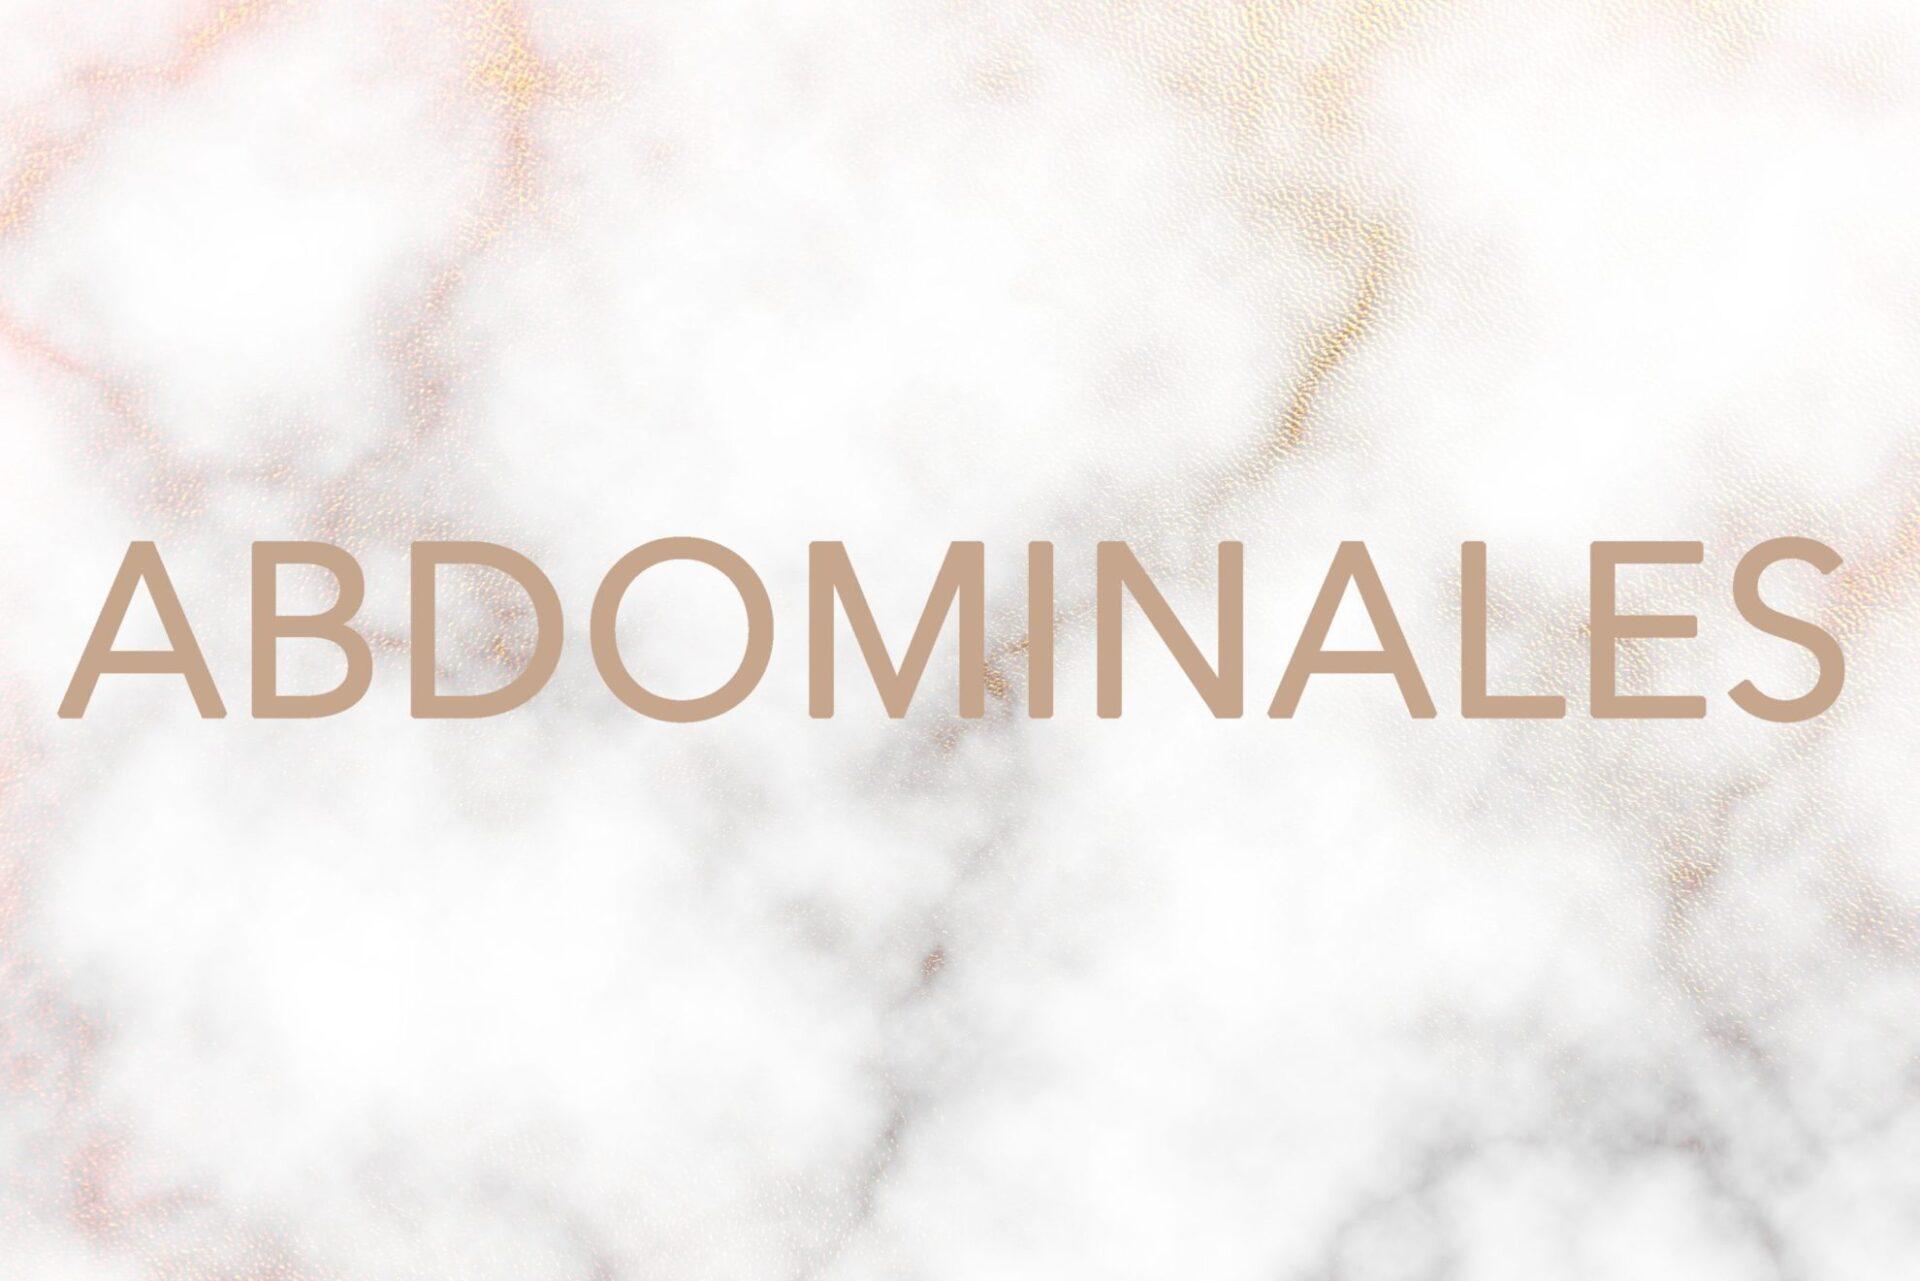 ABDOMINALES 2